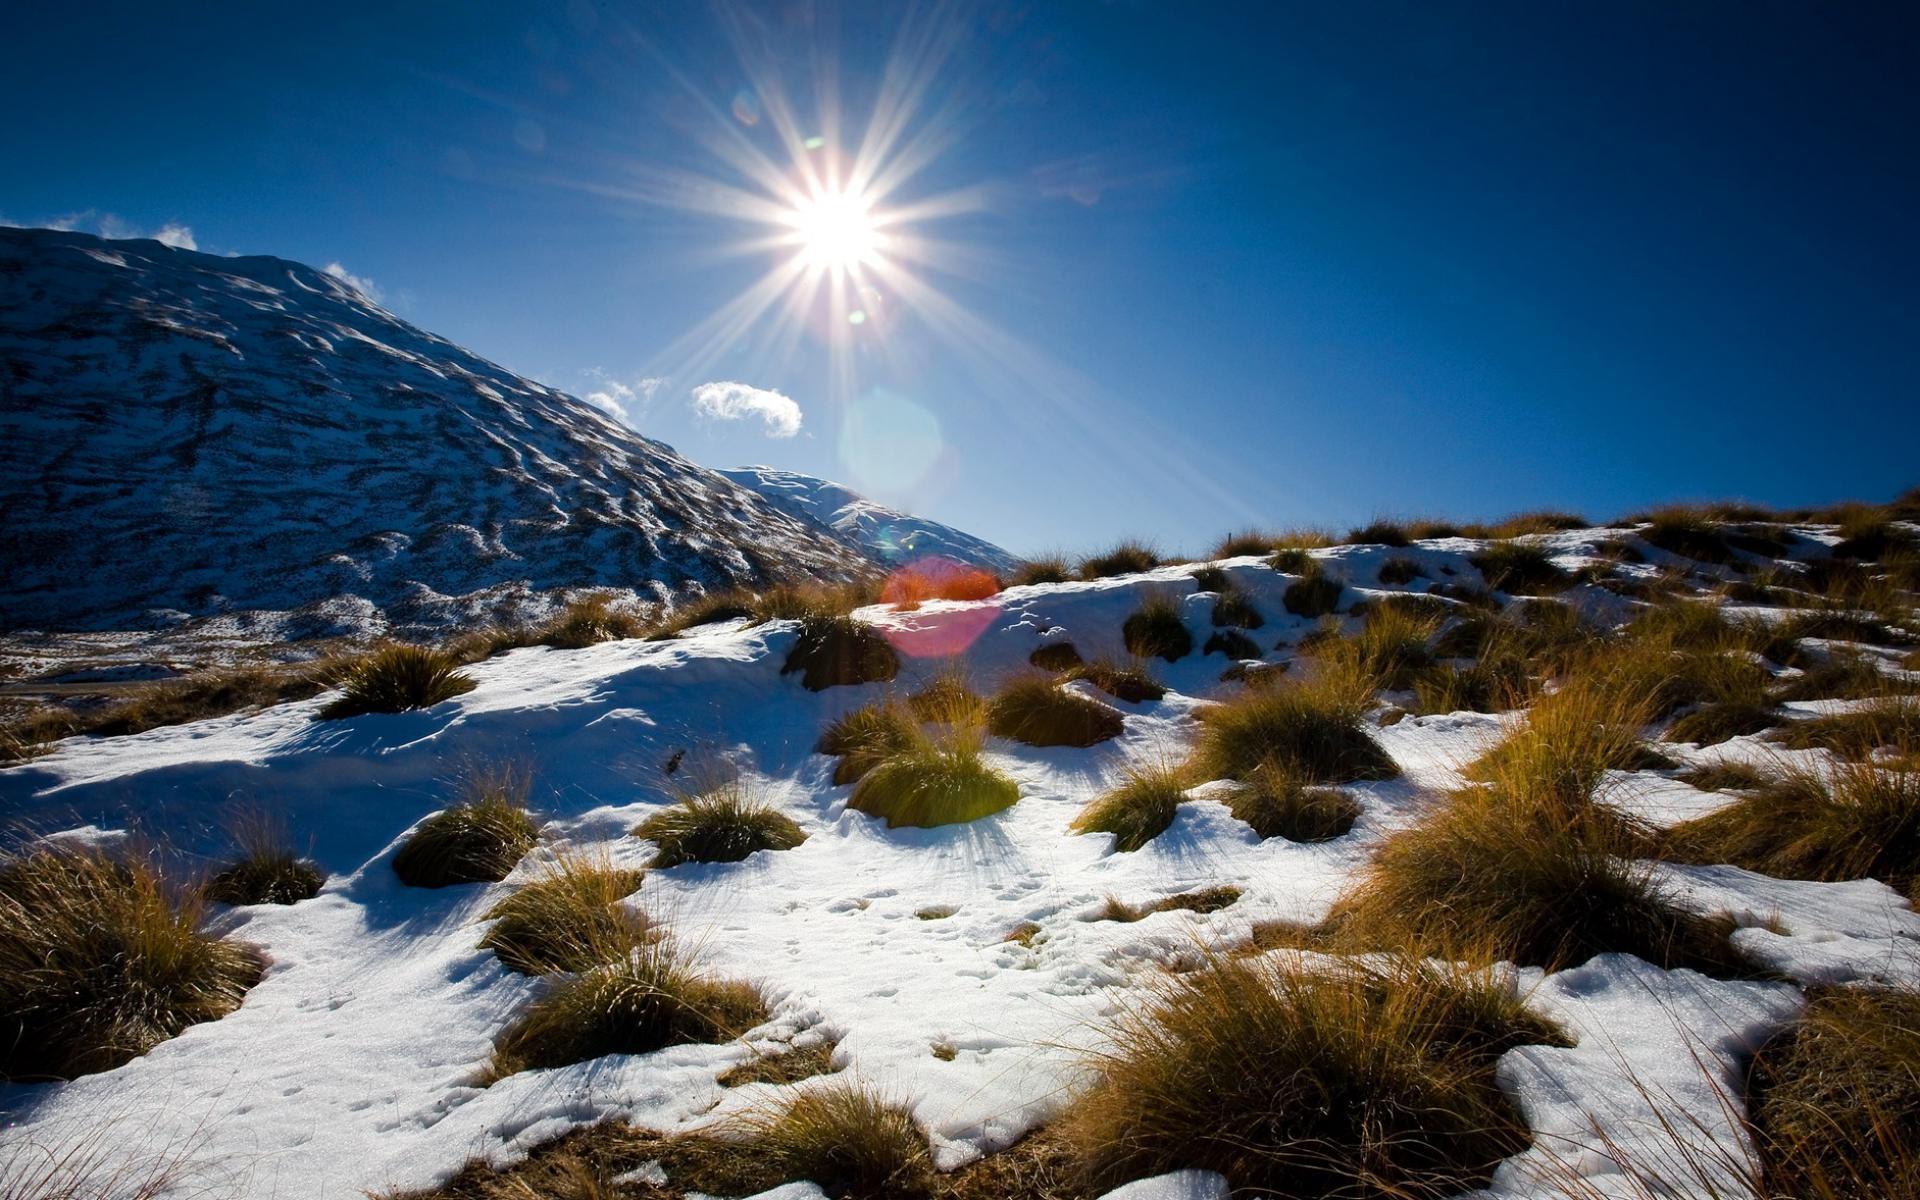 Зимняя п�и�ода Новой Зеландии �ка�а�� 1920�1200 обои для